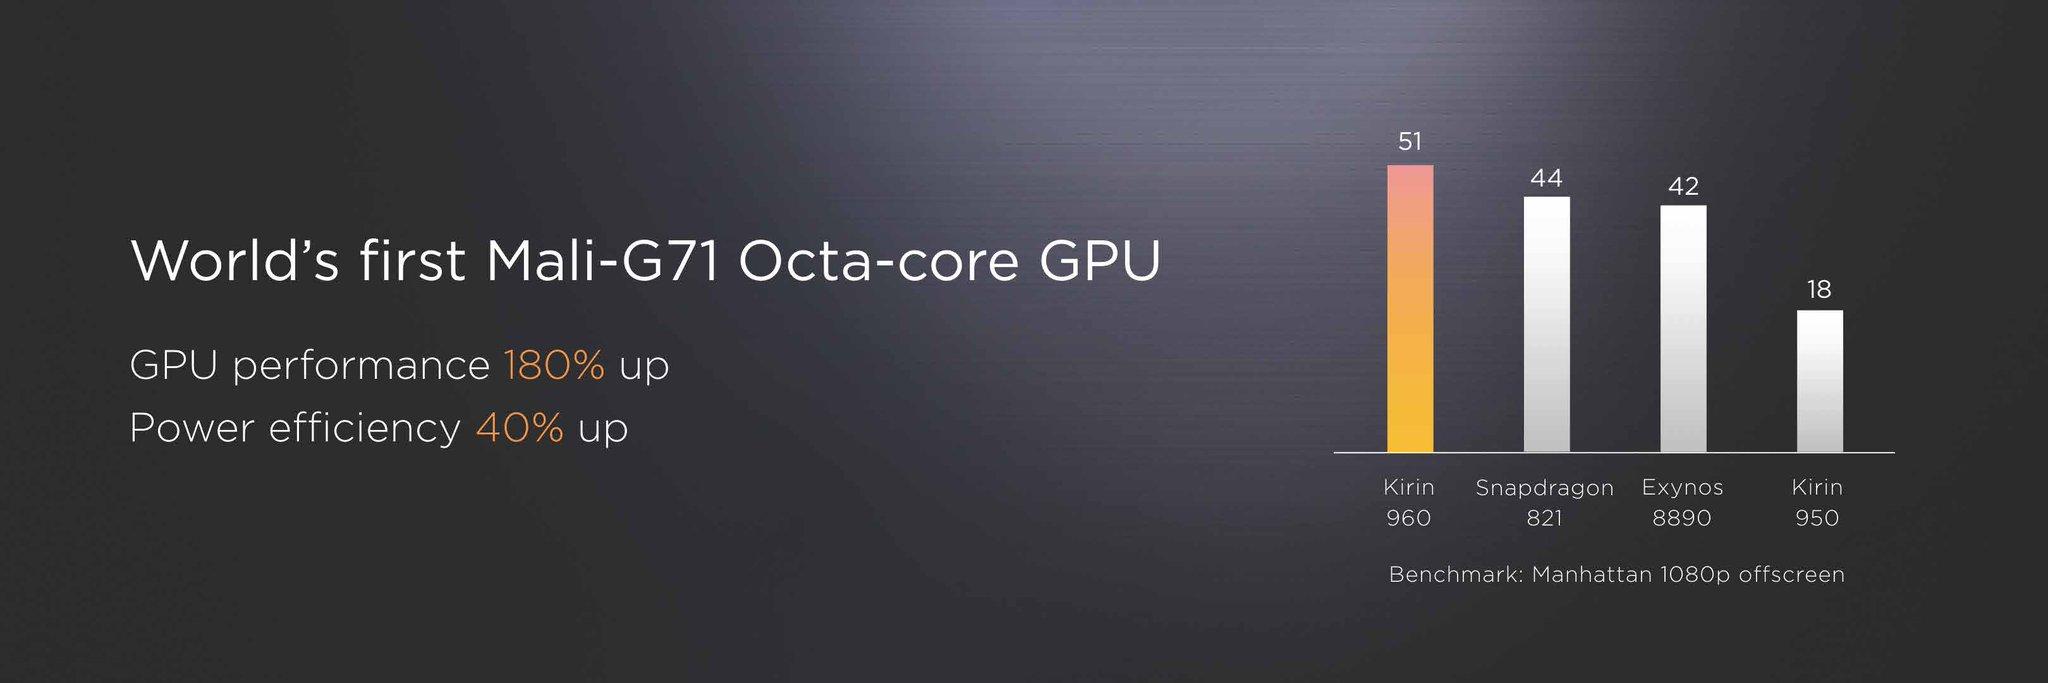 ARM Mali-G71 du Kirin 960